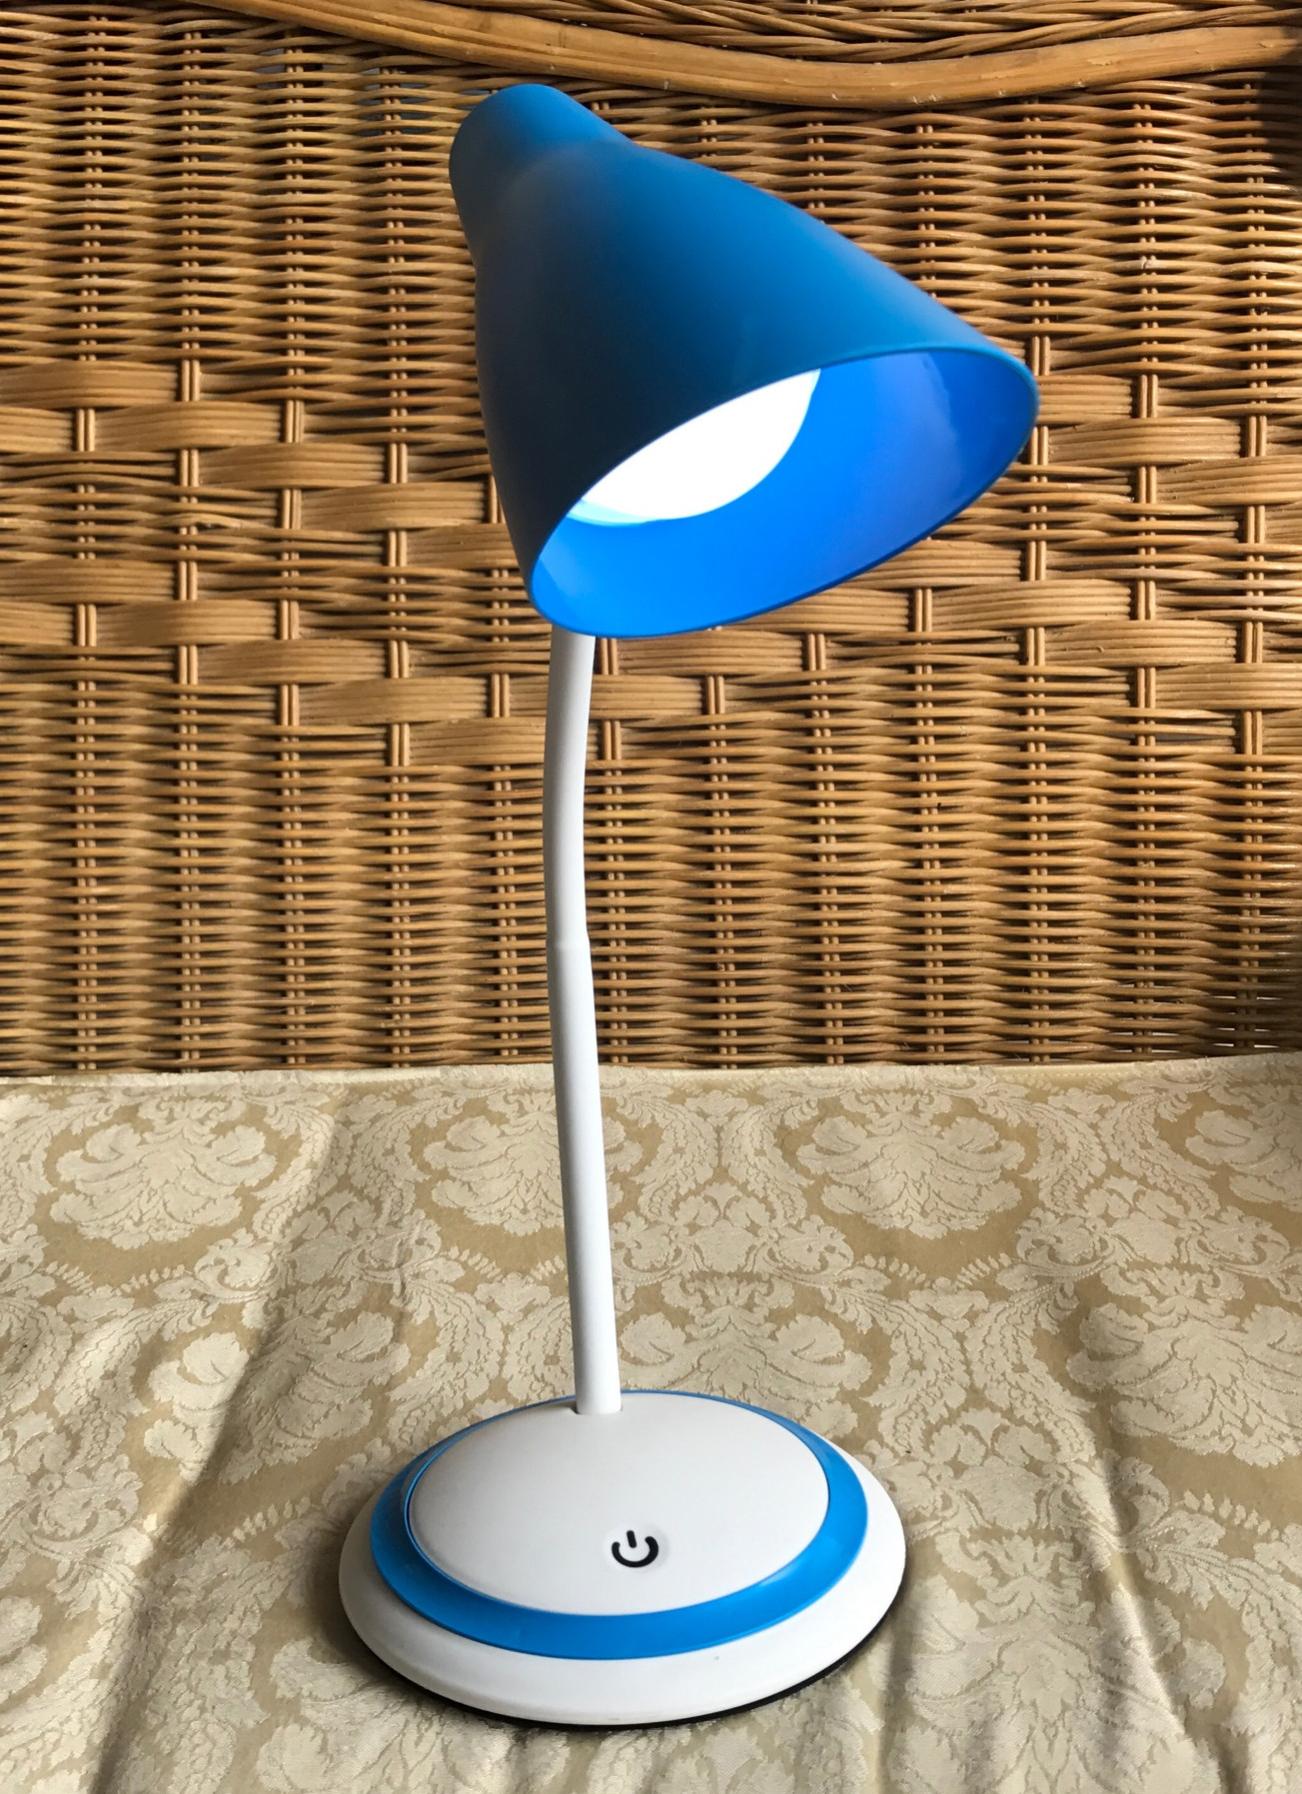 Đèn Bàn Chống Cận Cảm Ứng Sạc USB (Trắng phối xanh)